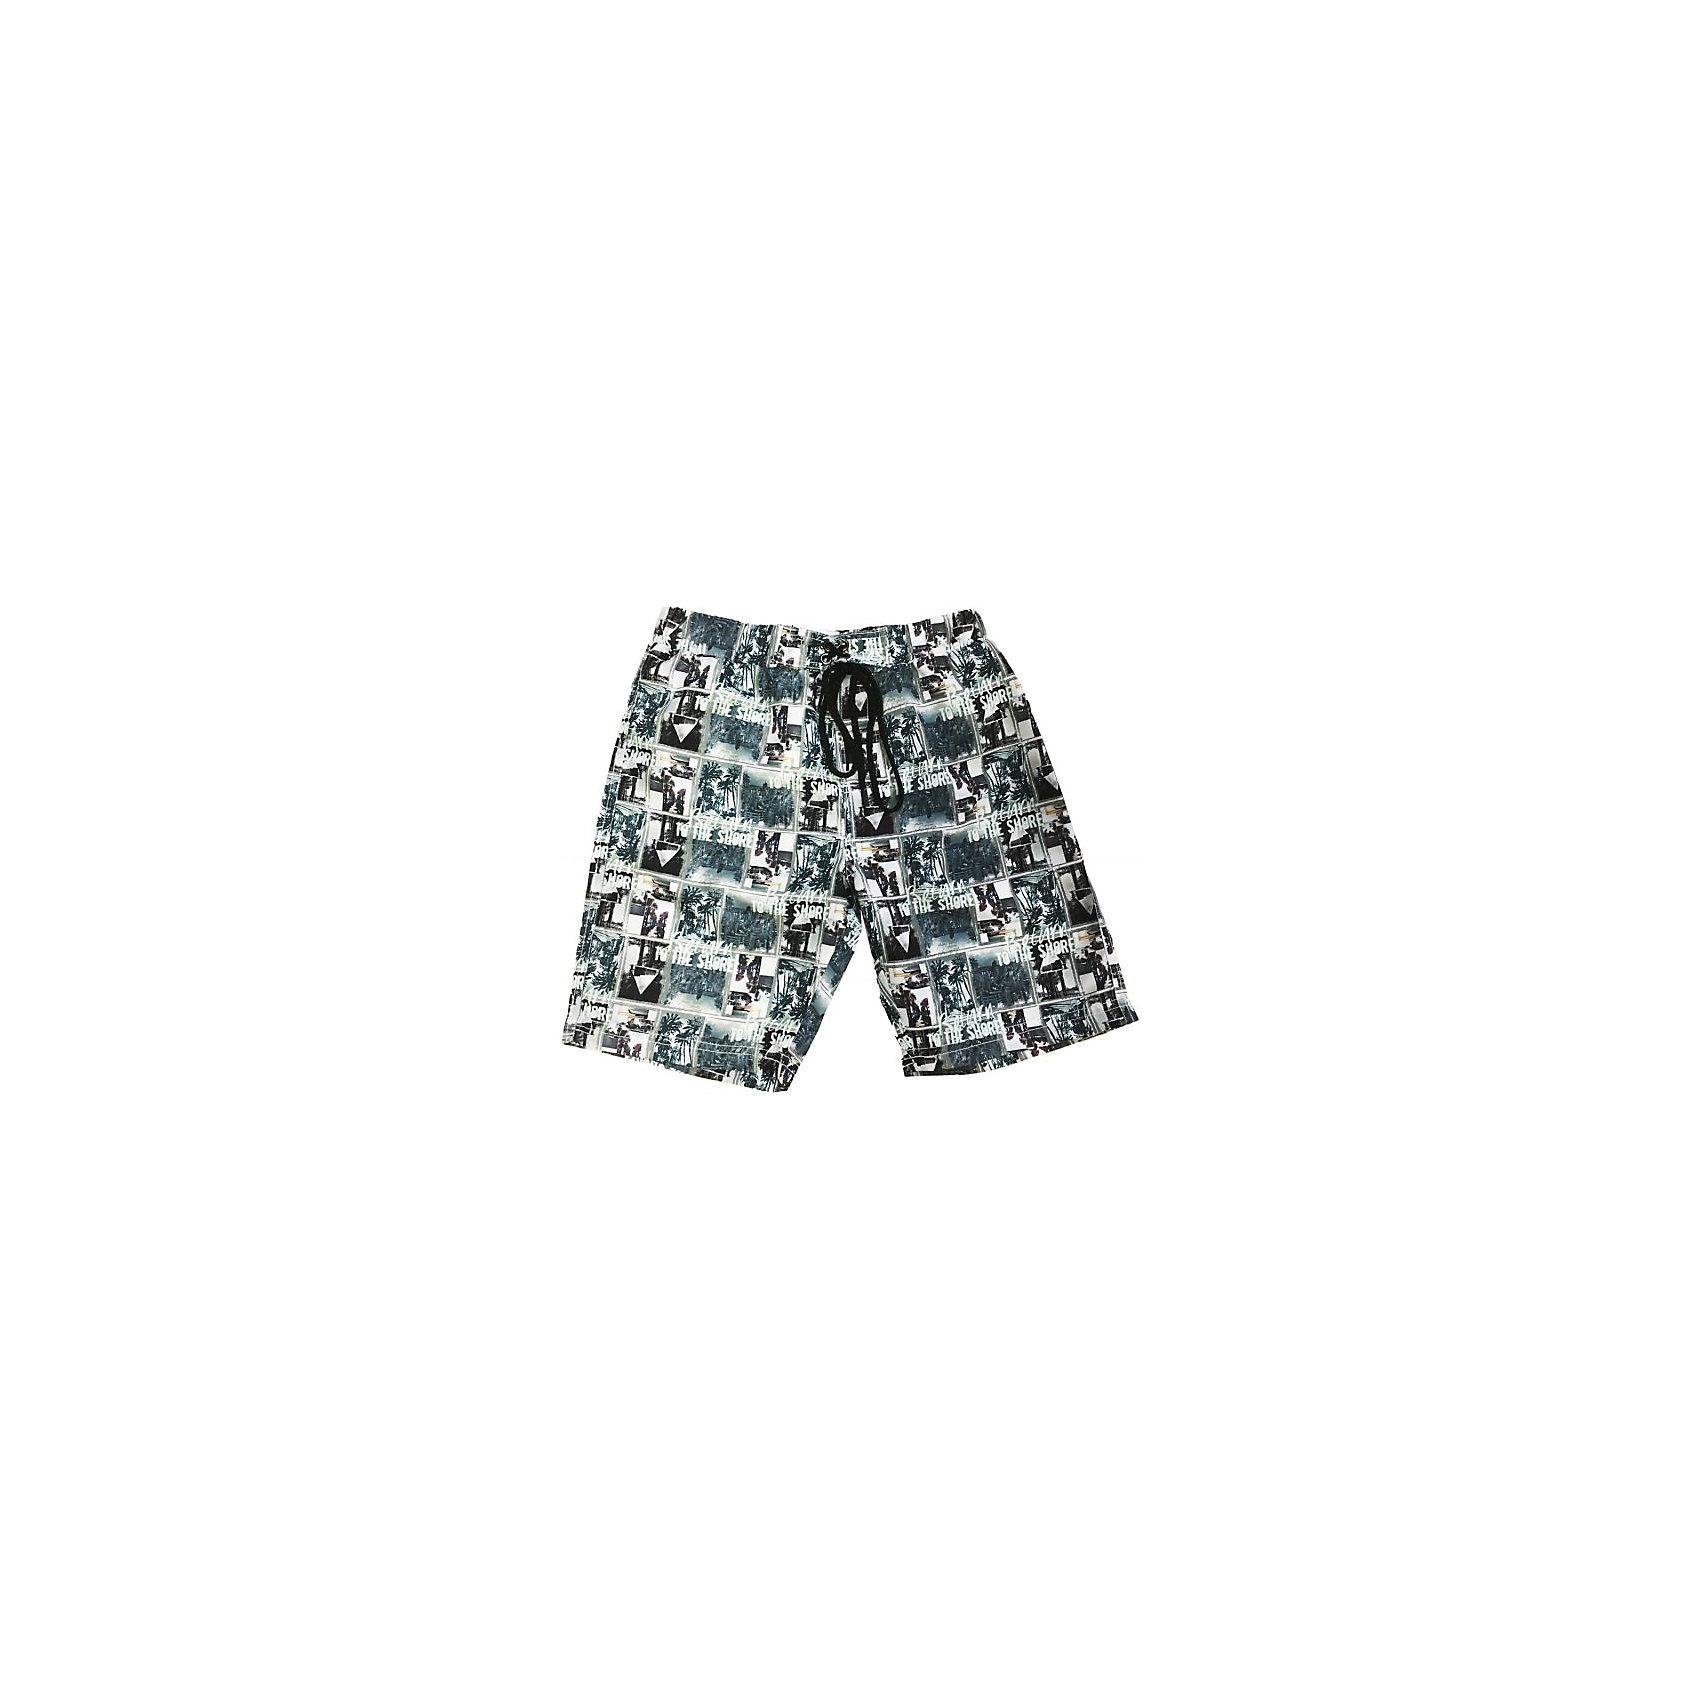 Шорты купальные для мальчика LuminosoШорты, бриджи, капри<br>Пляжные шорты из принтованной ткани. Эластичный пояс на резинке, регулируется шнурком<br>Состав:<br>100% полиэстер<br><br>Ширина мм: 183<br>Глубина мм: 60<br>Высота мм: 135<br>Вес г: 119<br>Цвет: серый<br>Возраст от месяцев: 96<br>Возраст до месяцев: 108<br>Пол: Мужской<br>Возраст: Детский<br>Размер: 134,146,140,152,164,158<br>SKU: 4523321